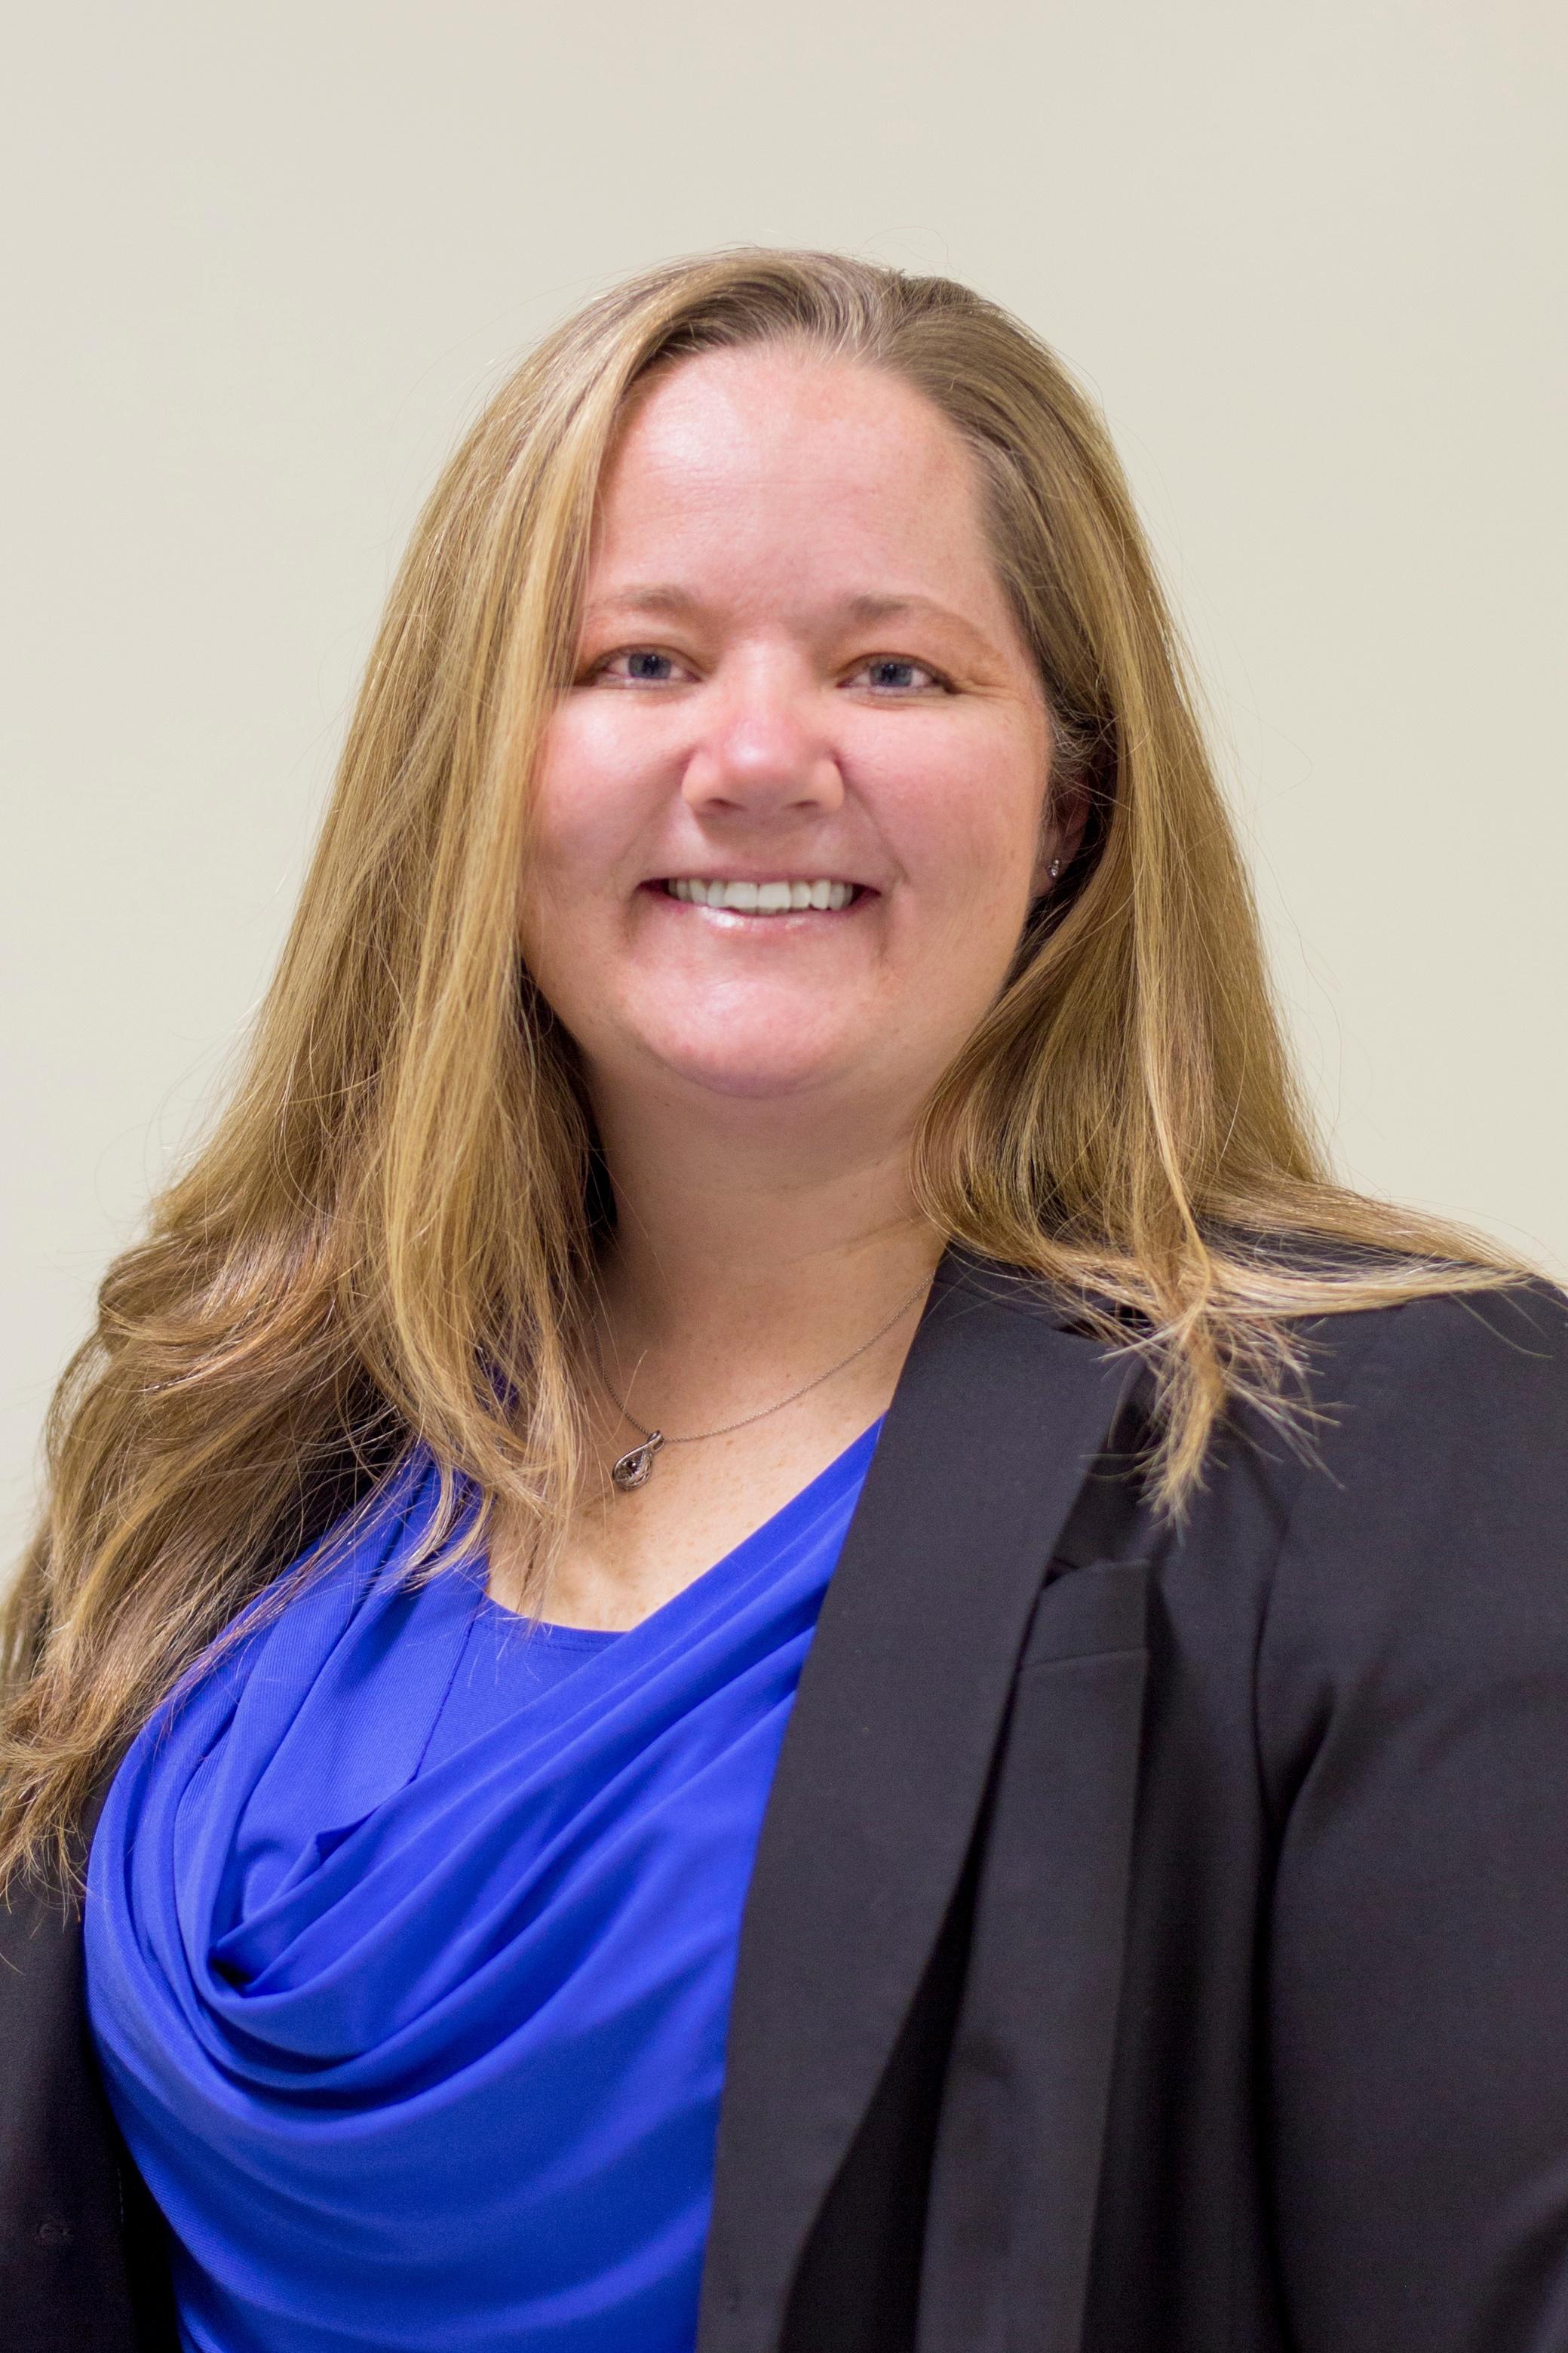 Vanessa Joseph, Facility Director